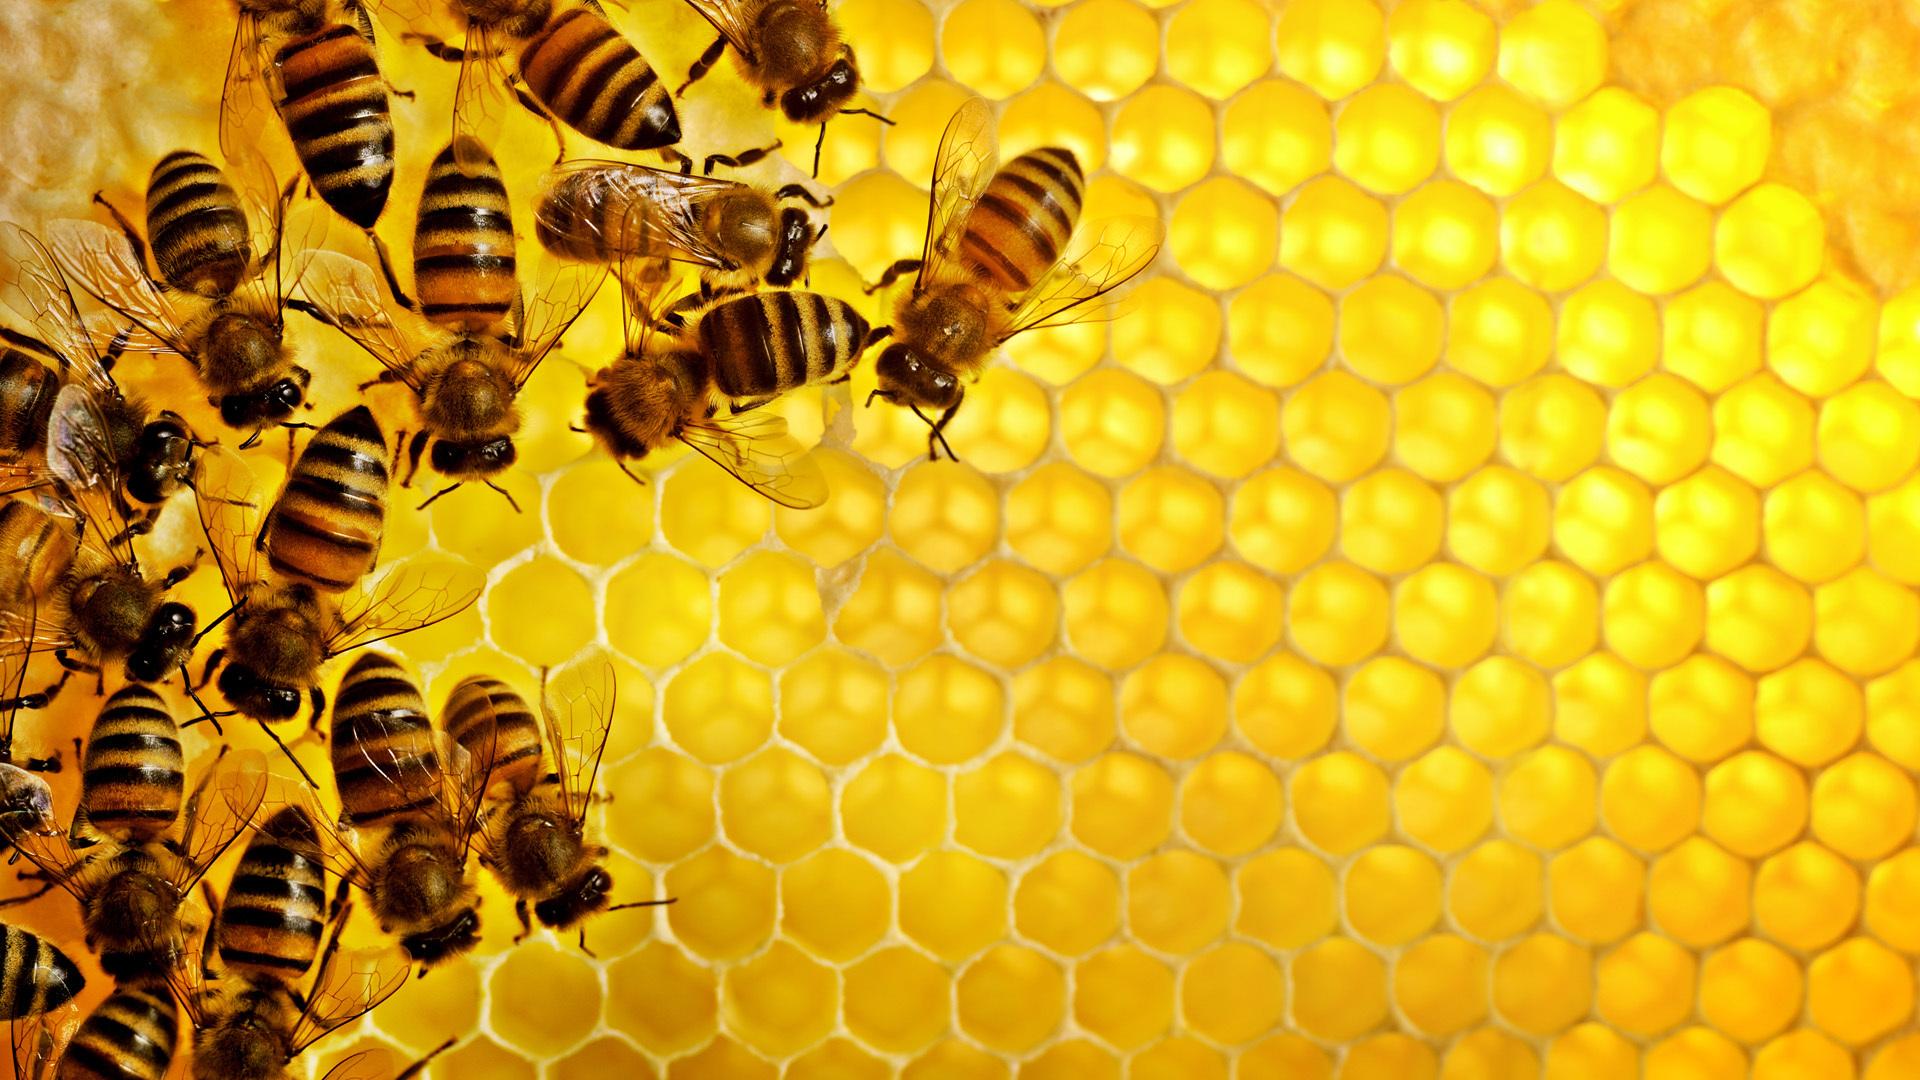 19340 скачать обои Насекомые, Пчелы - заставки и картинки бесплатно